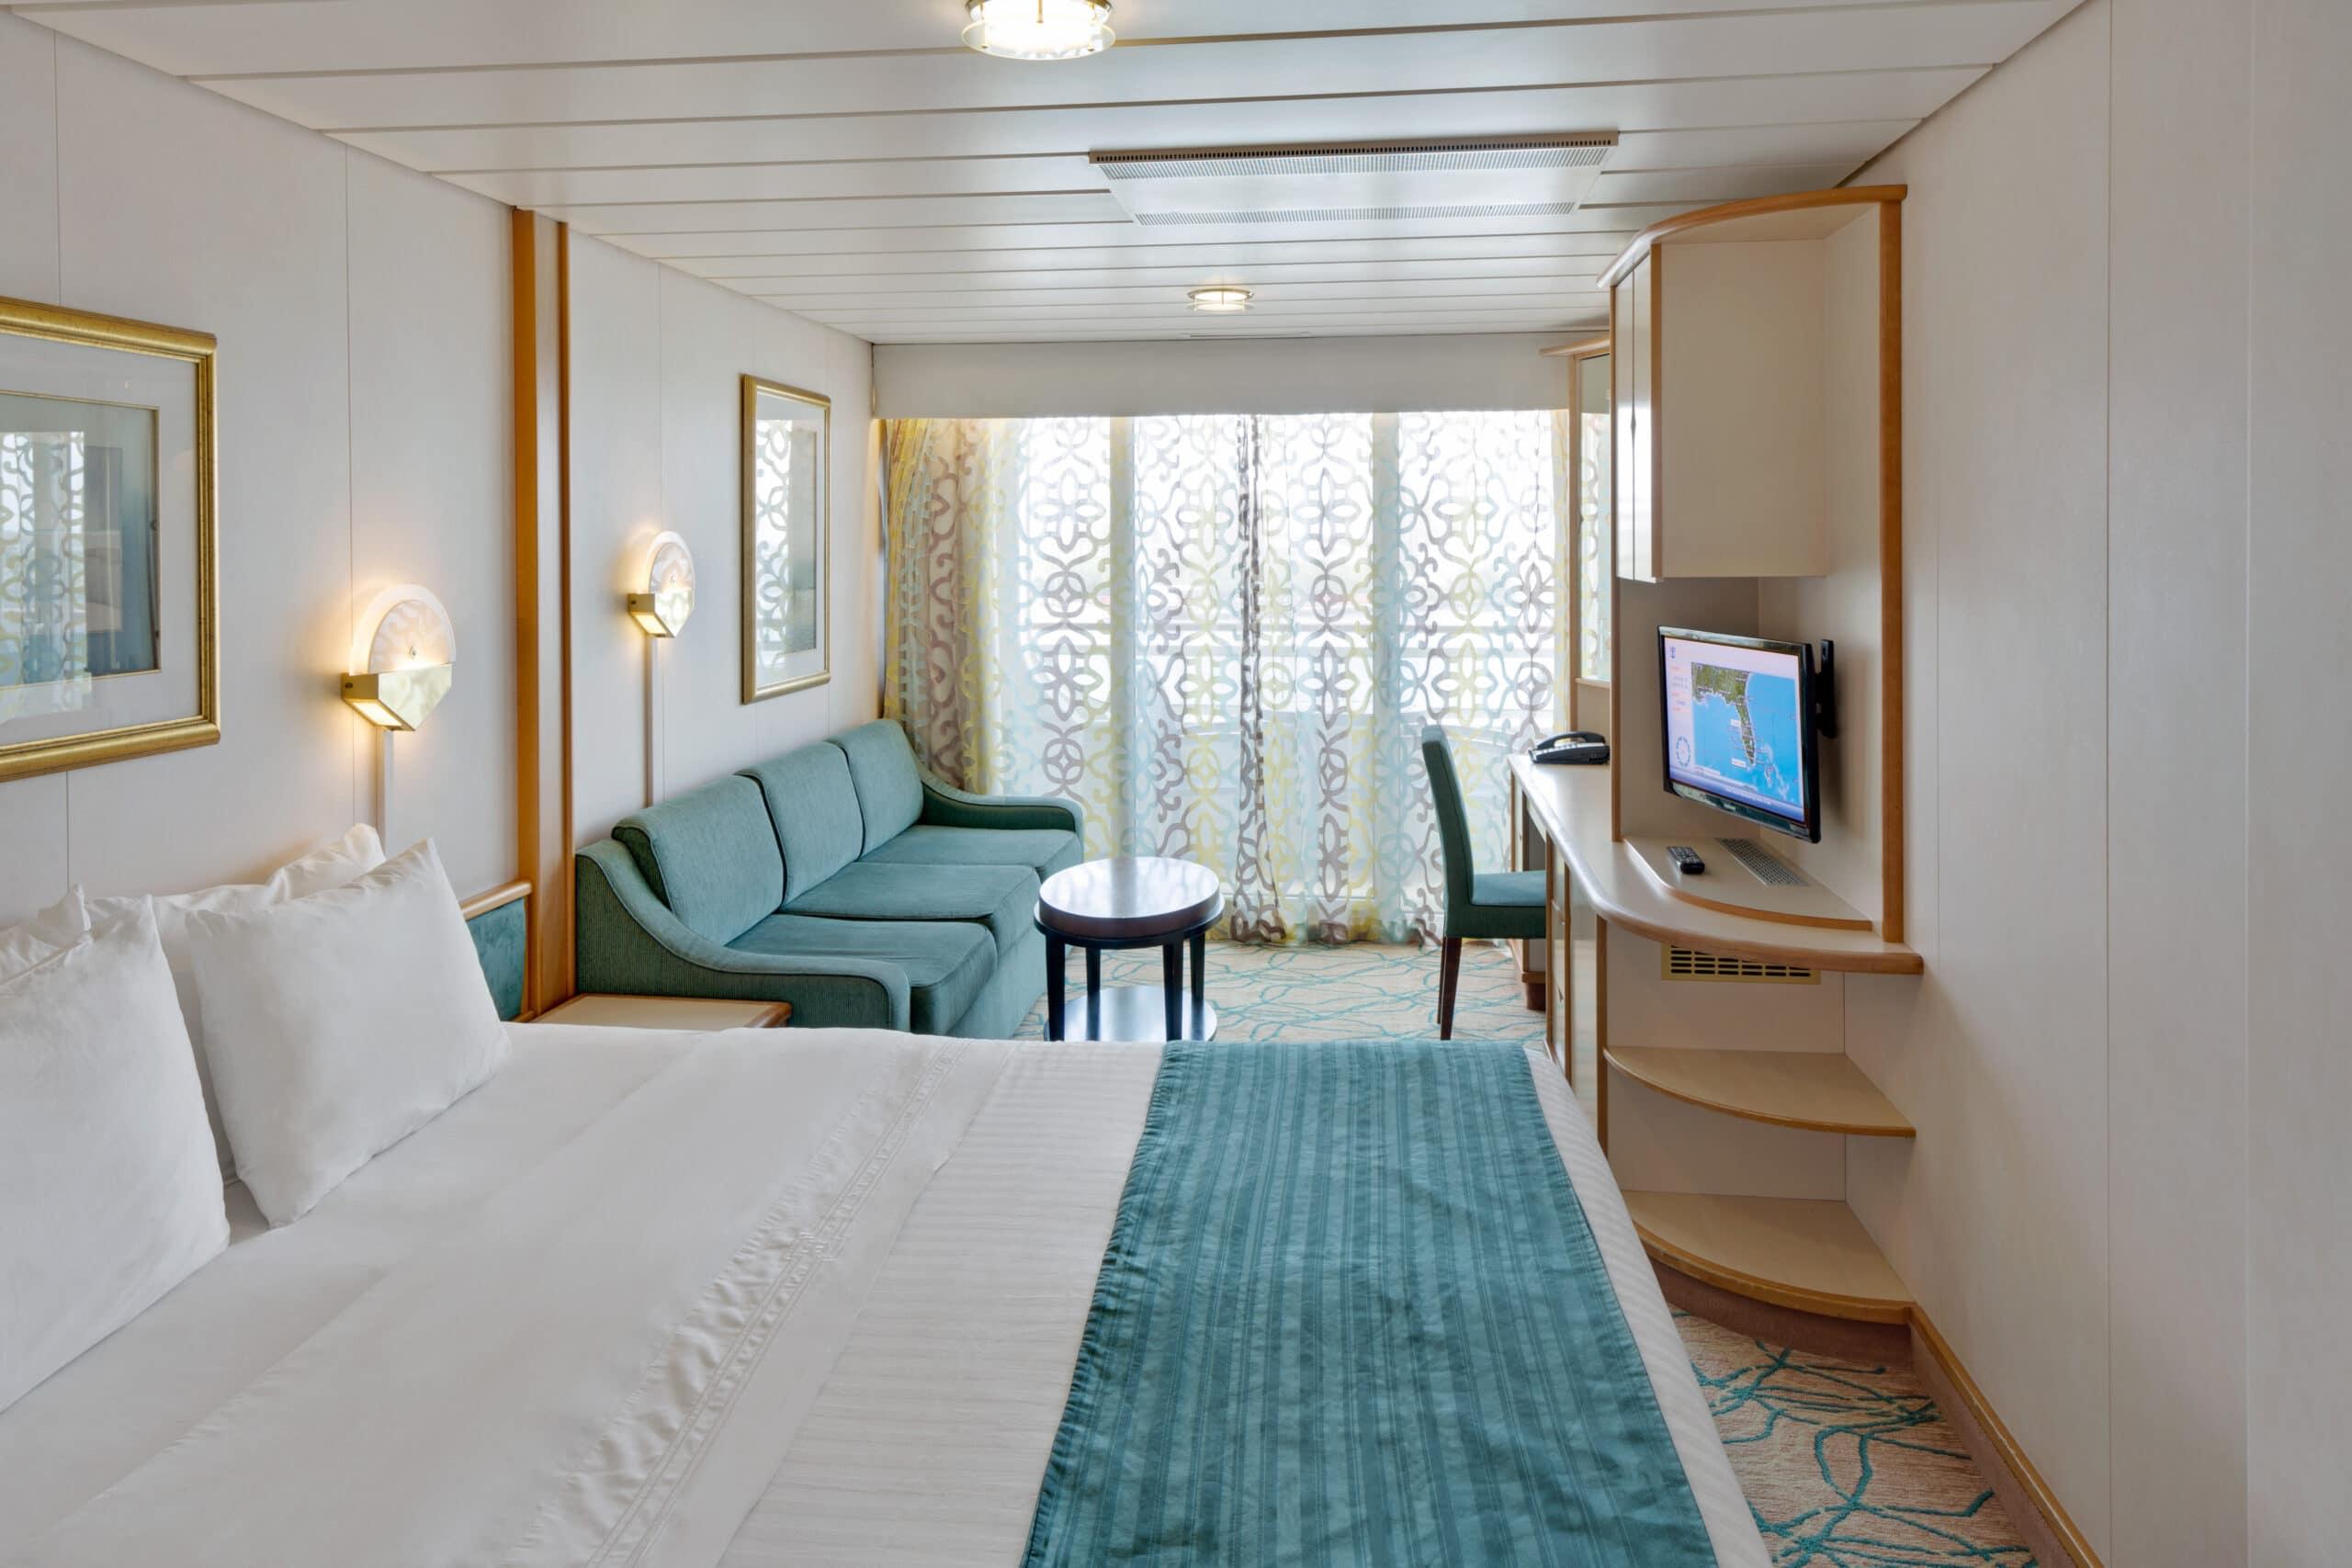 Royal-Caribbean-International-Rhapsody-of-the-Seas-schip-cruiseschip-categorie-1b-2b-3b-4b-ruime-balkonhut